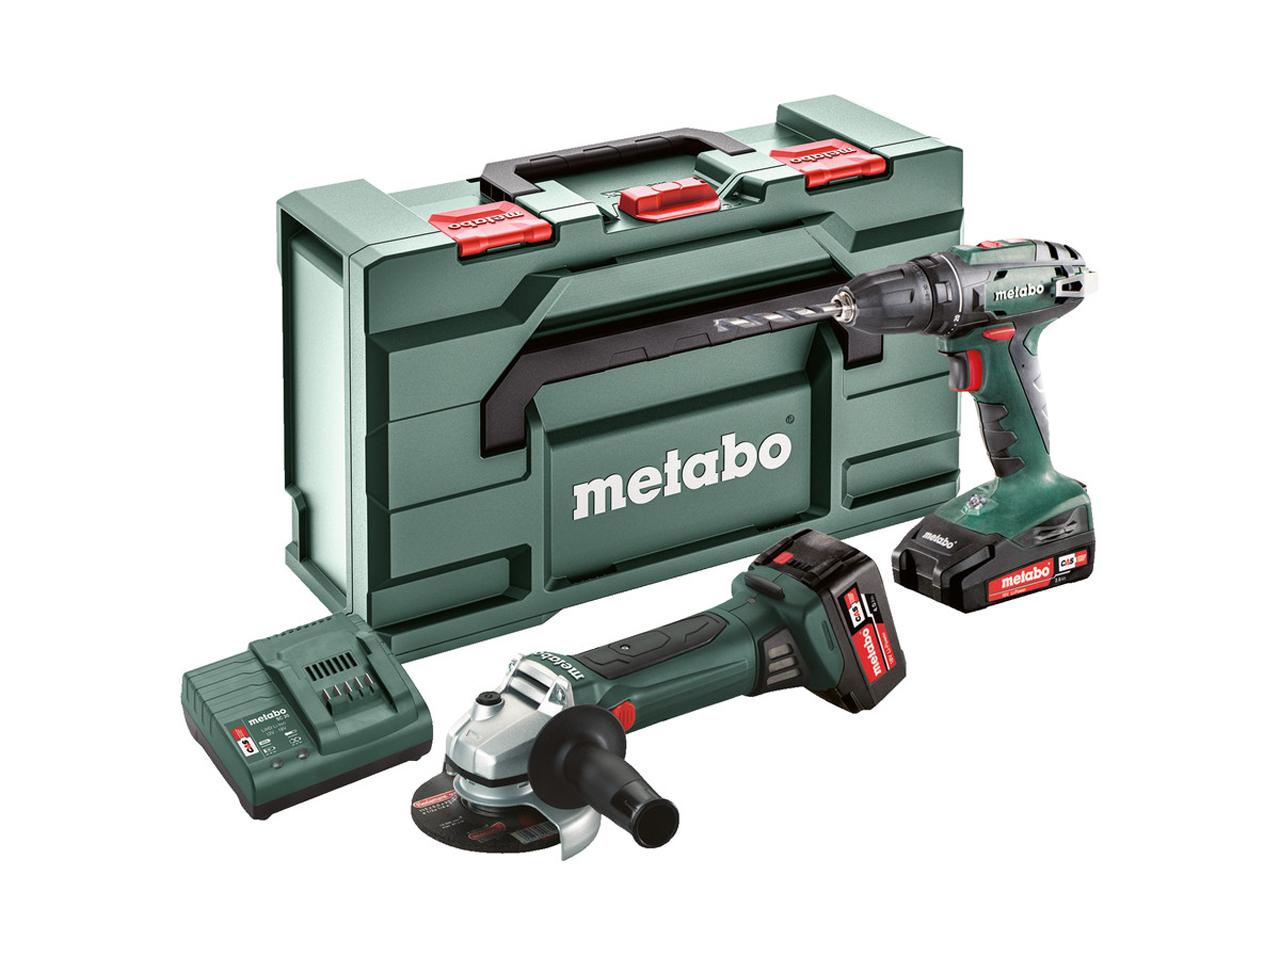 Metabo_685082000.jpg